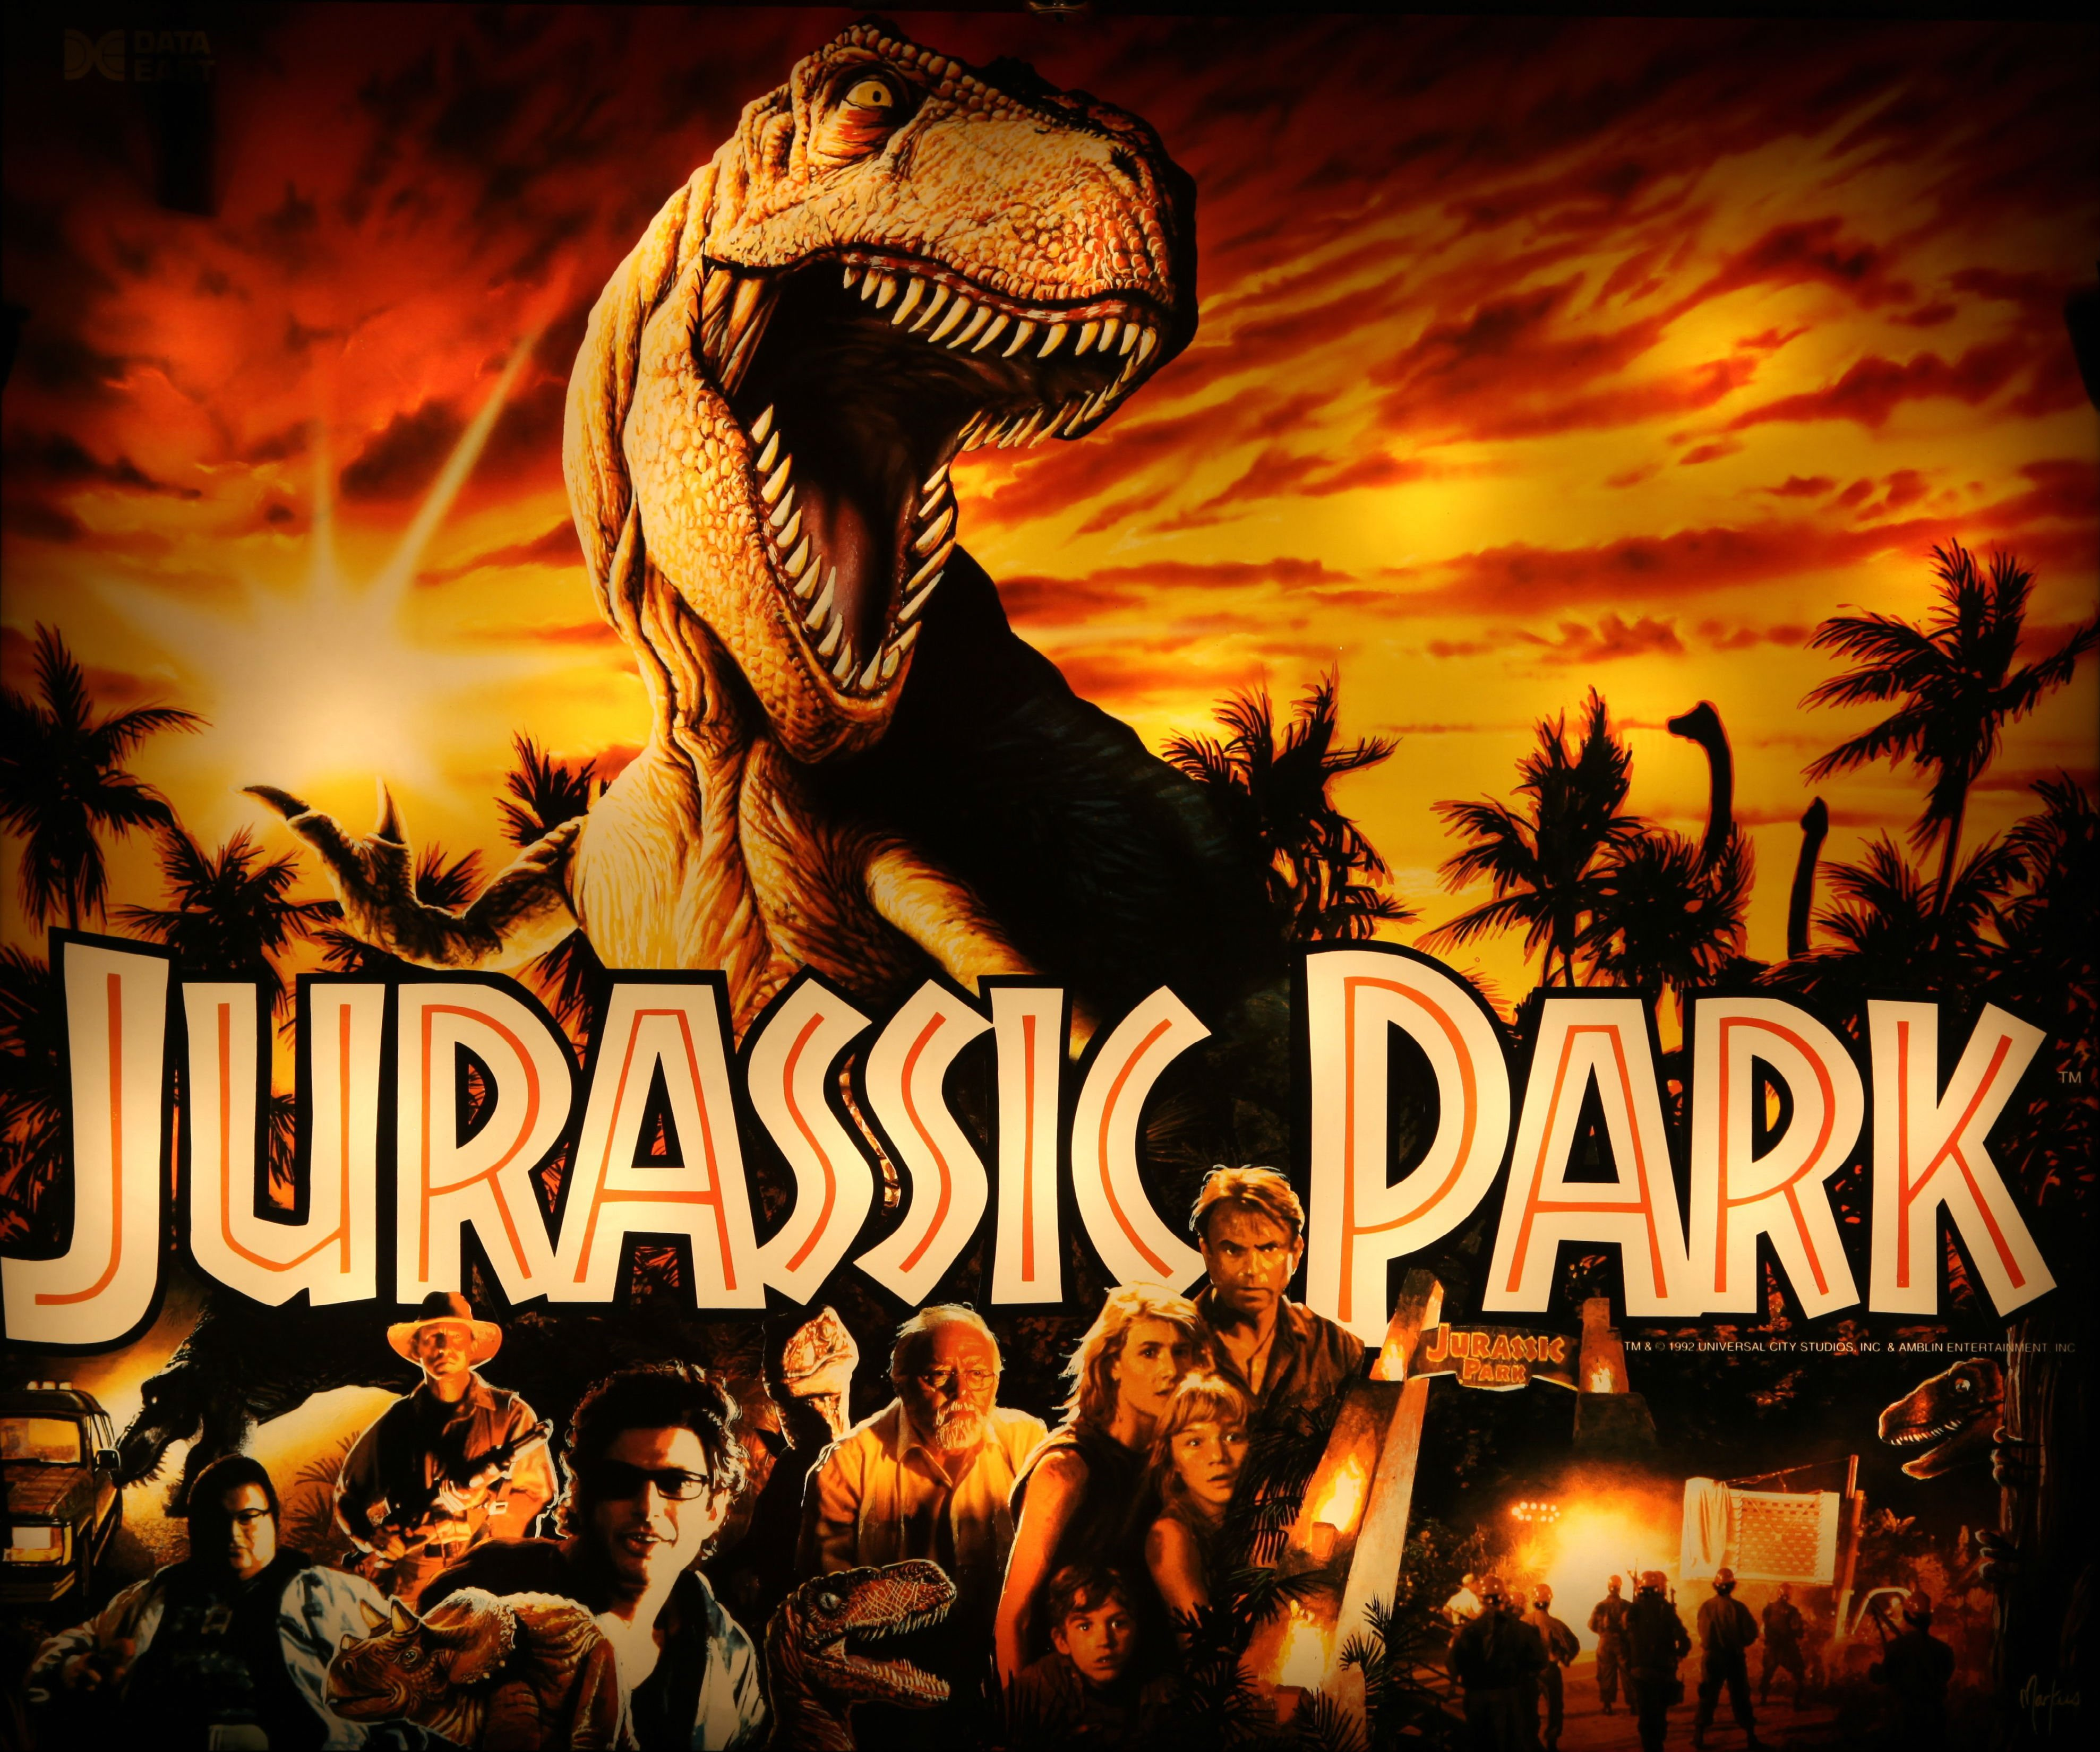 Jurassic Park Wallpaper Iphone Wallpapersafari